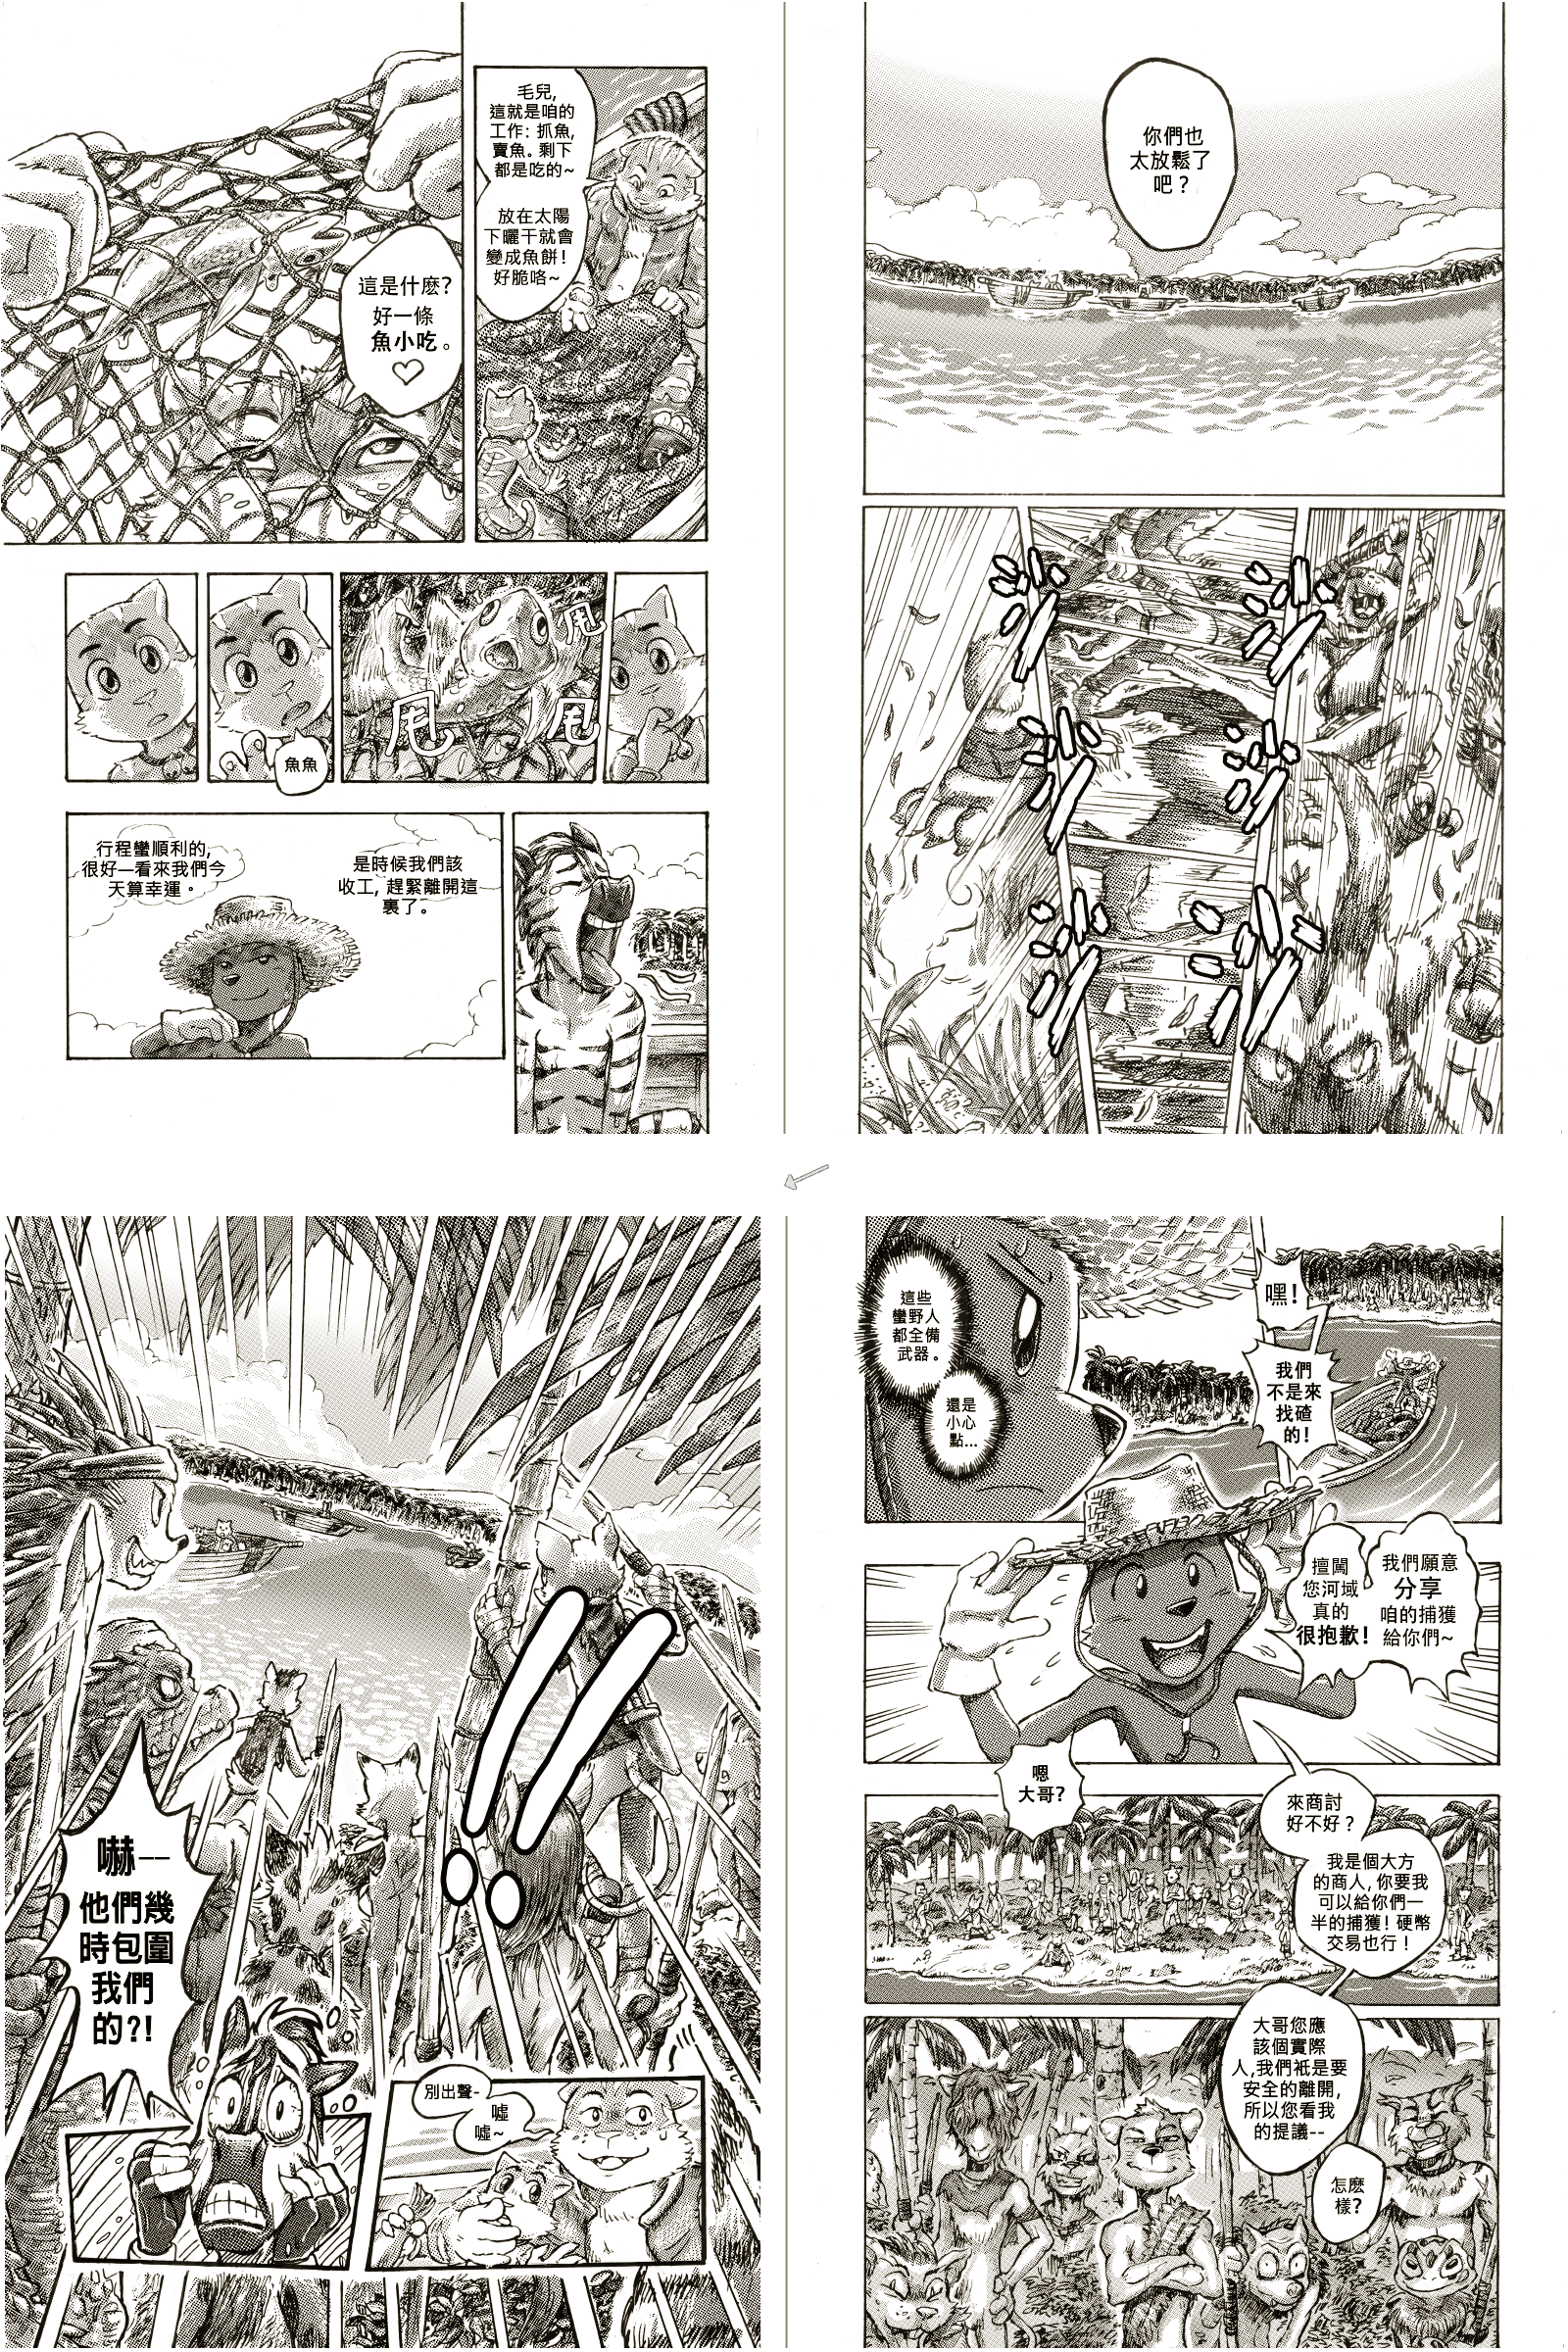 番外章 0 — (5)